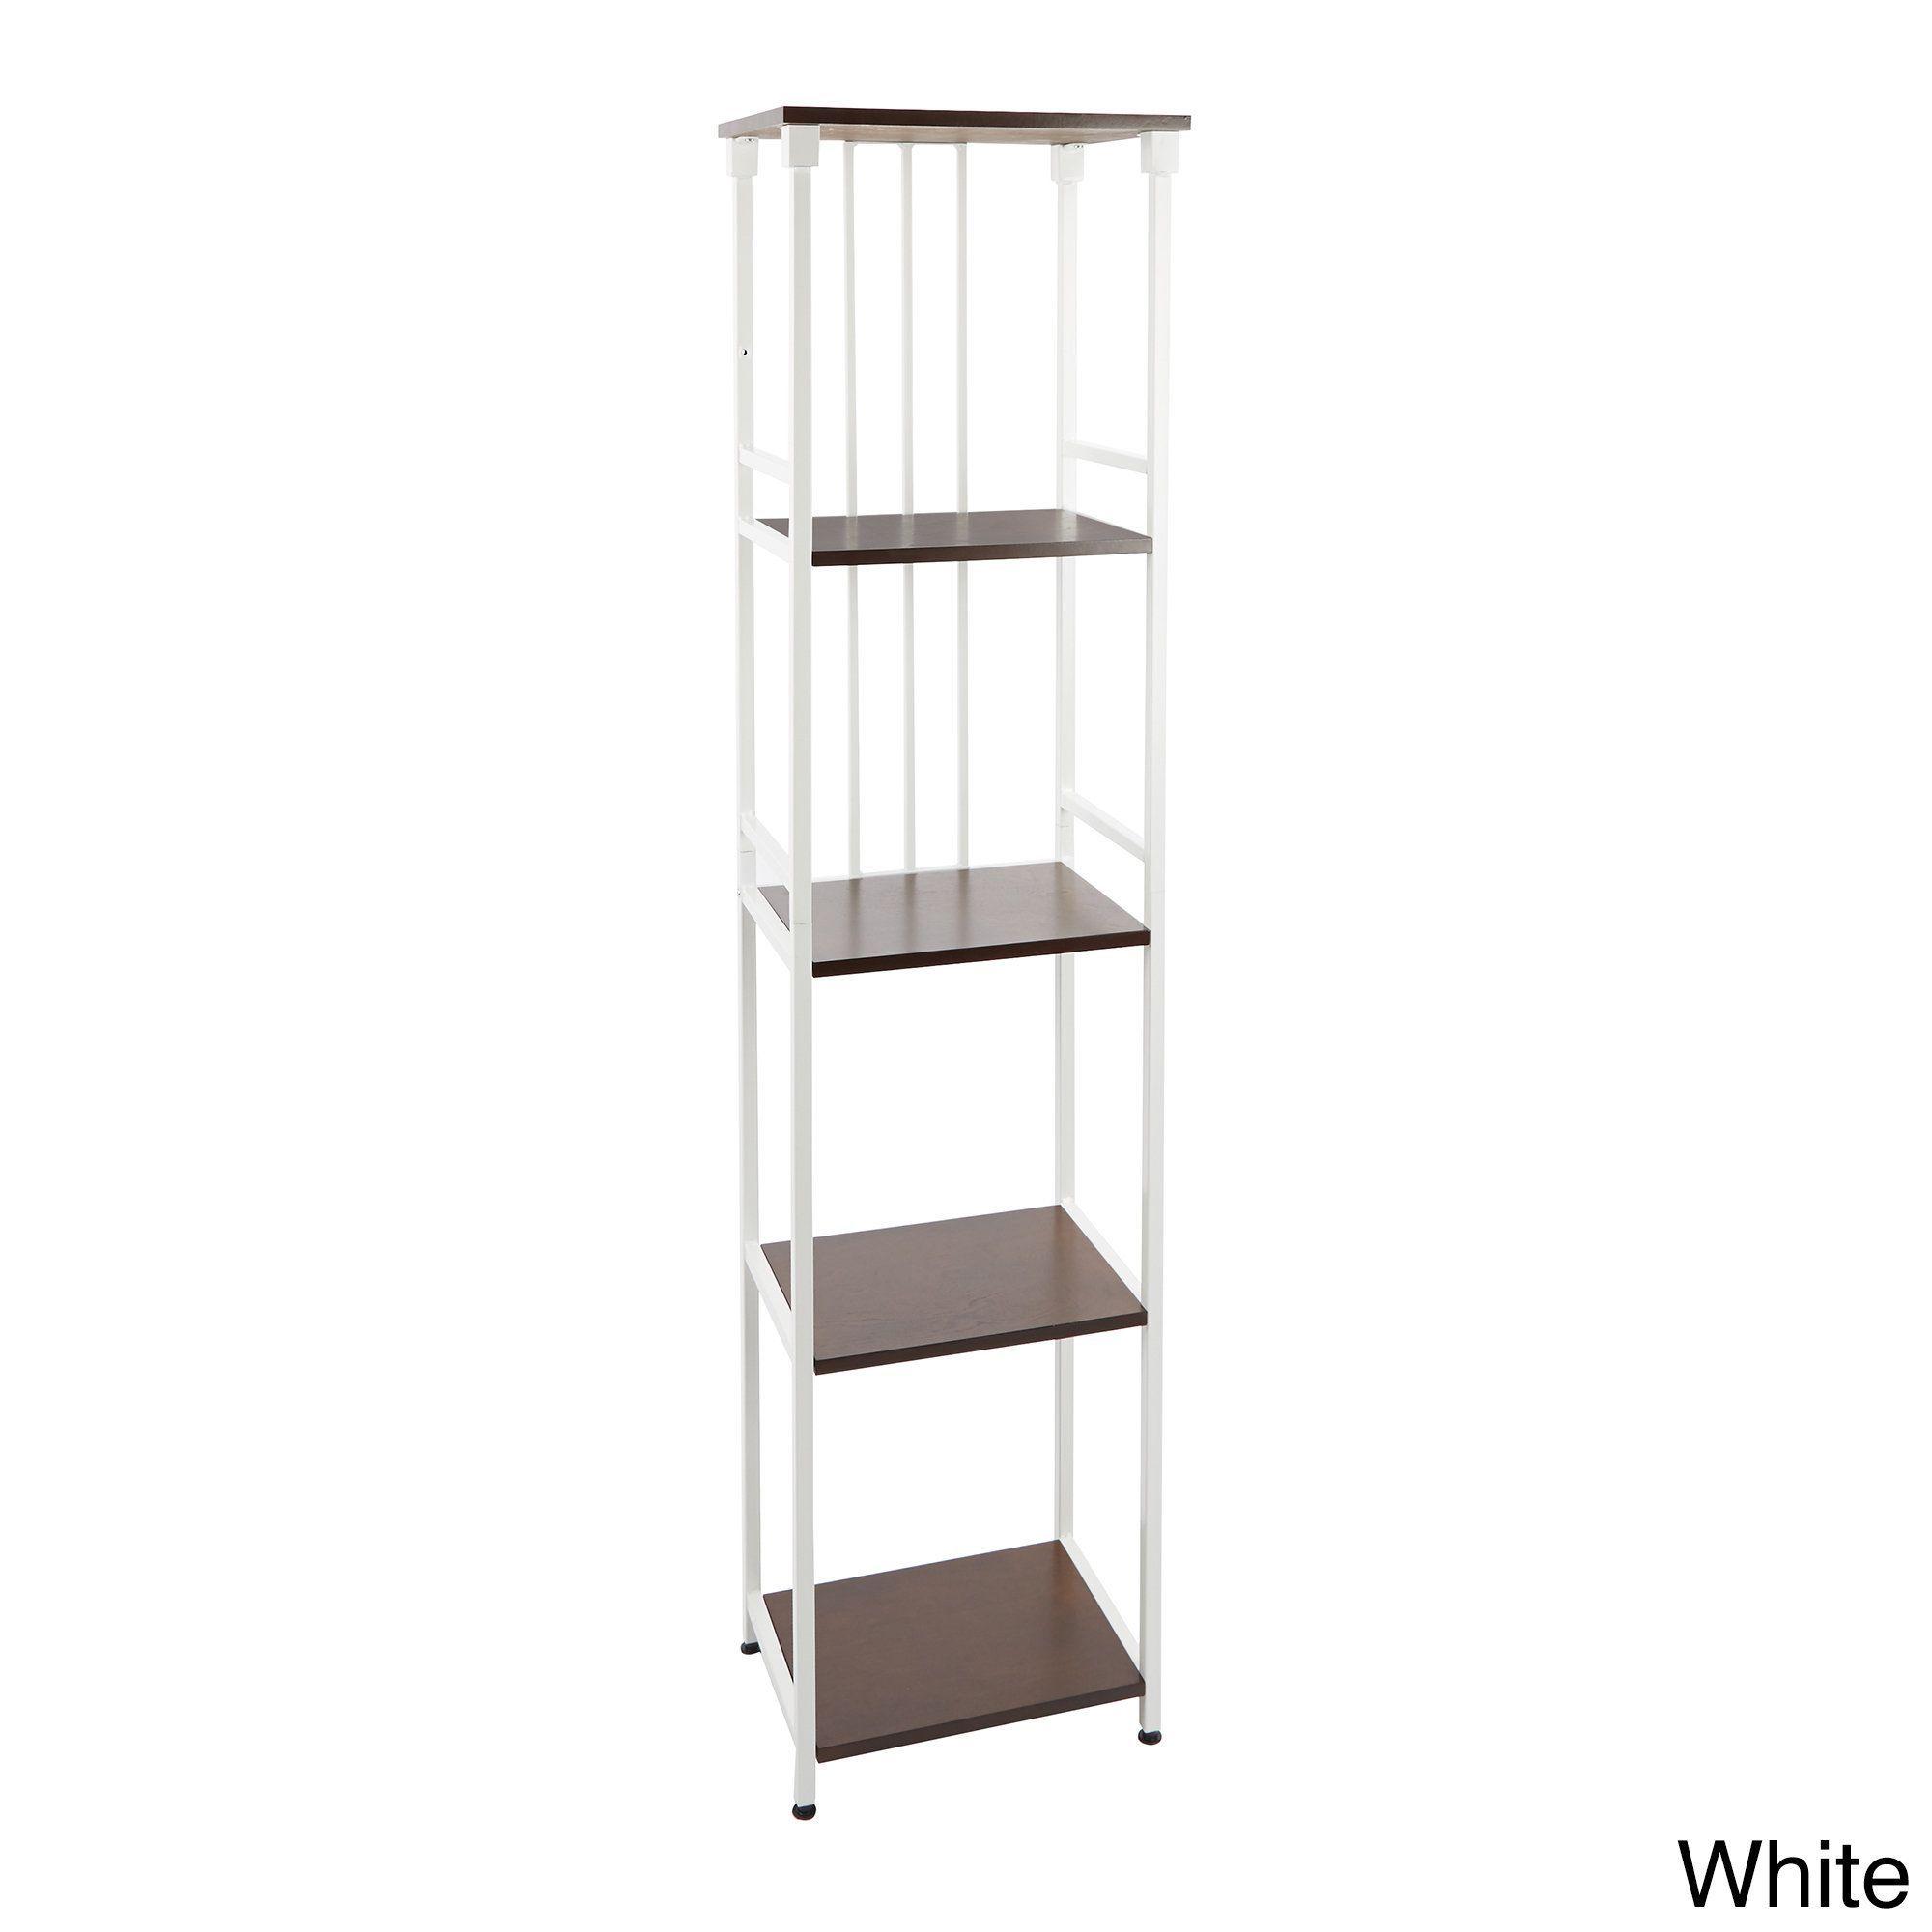 Mixed Material Bathroom Collection 5-Tier Linen Shelf (